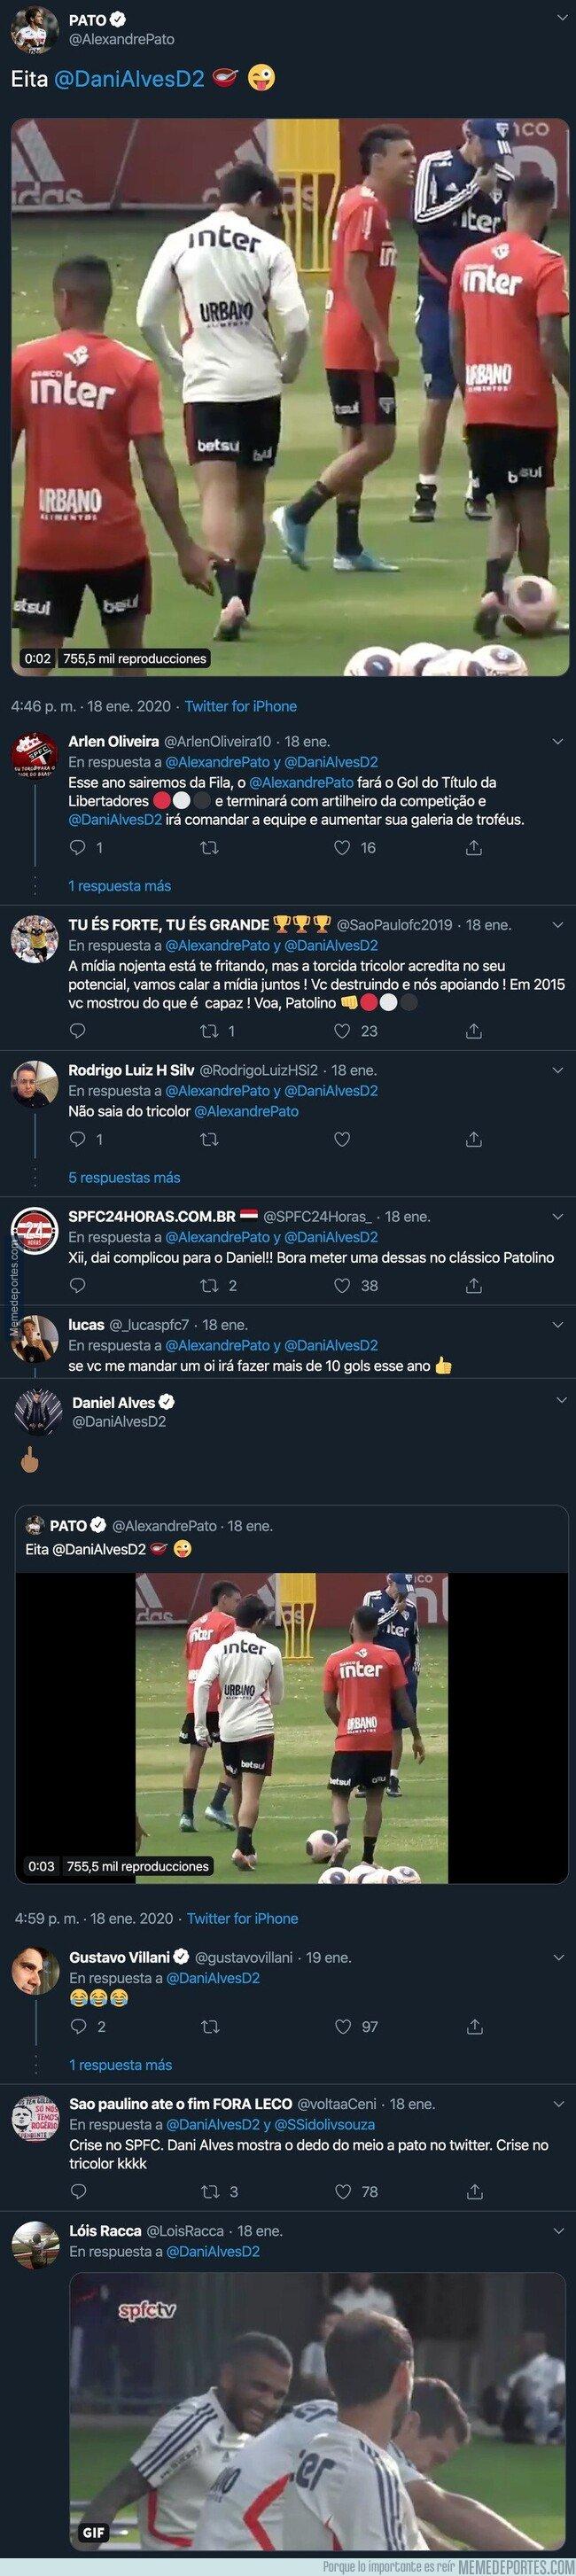 1096337 - La genial respuesta de Dani Alves a Alexandre Pato por Twitter después de recibir un monumental caño en el entrenamiento del Sao Paulo